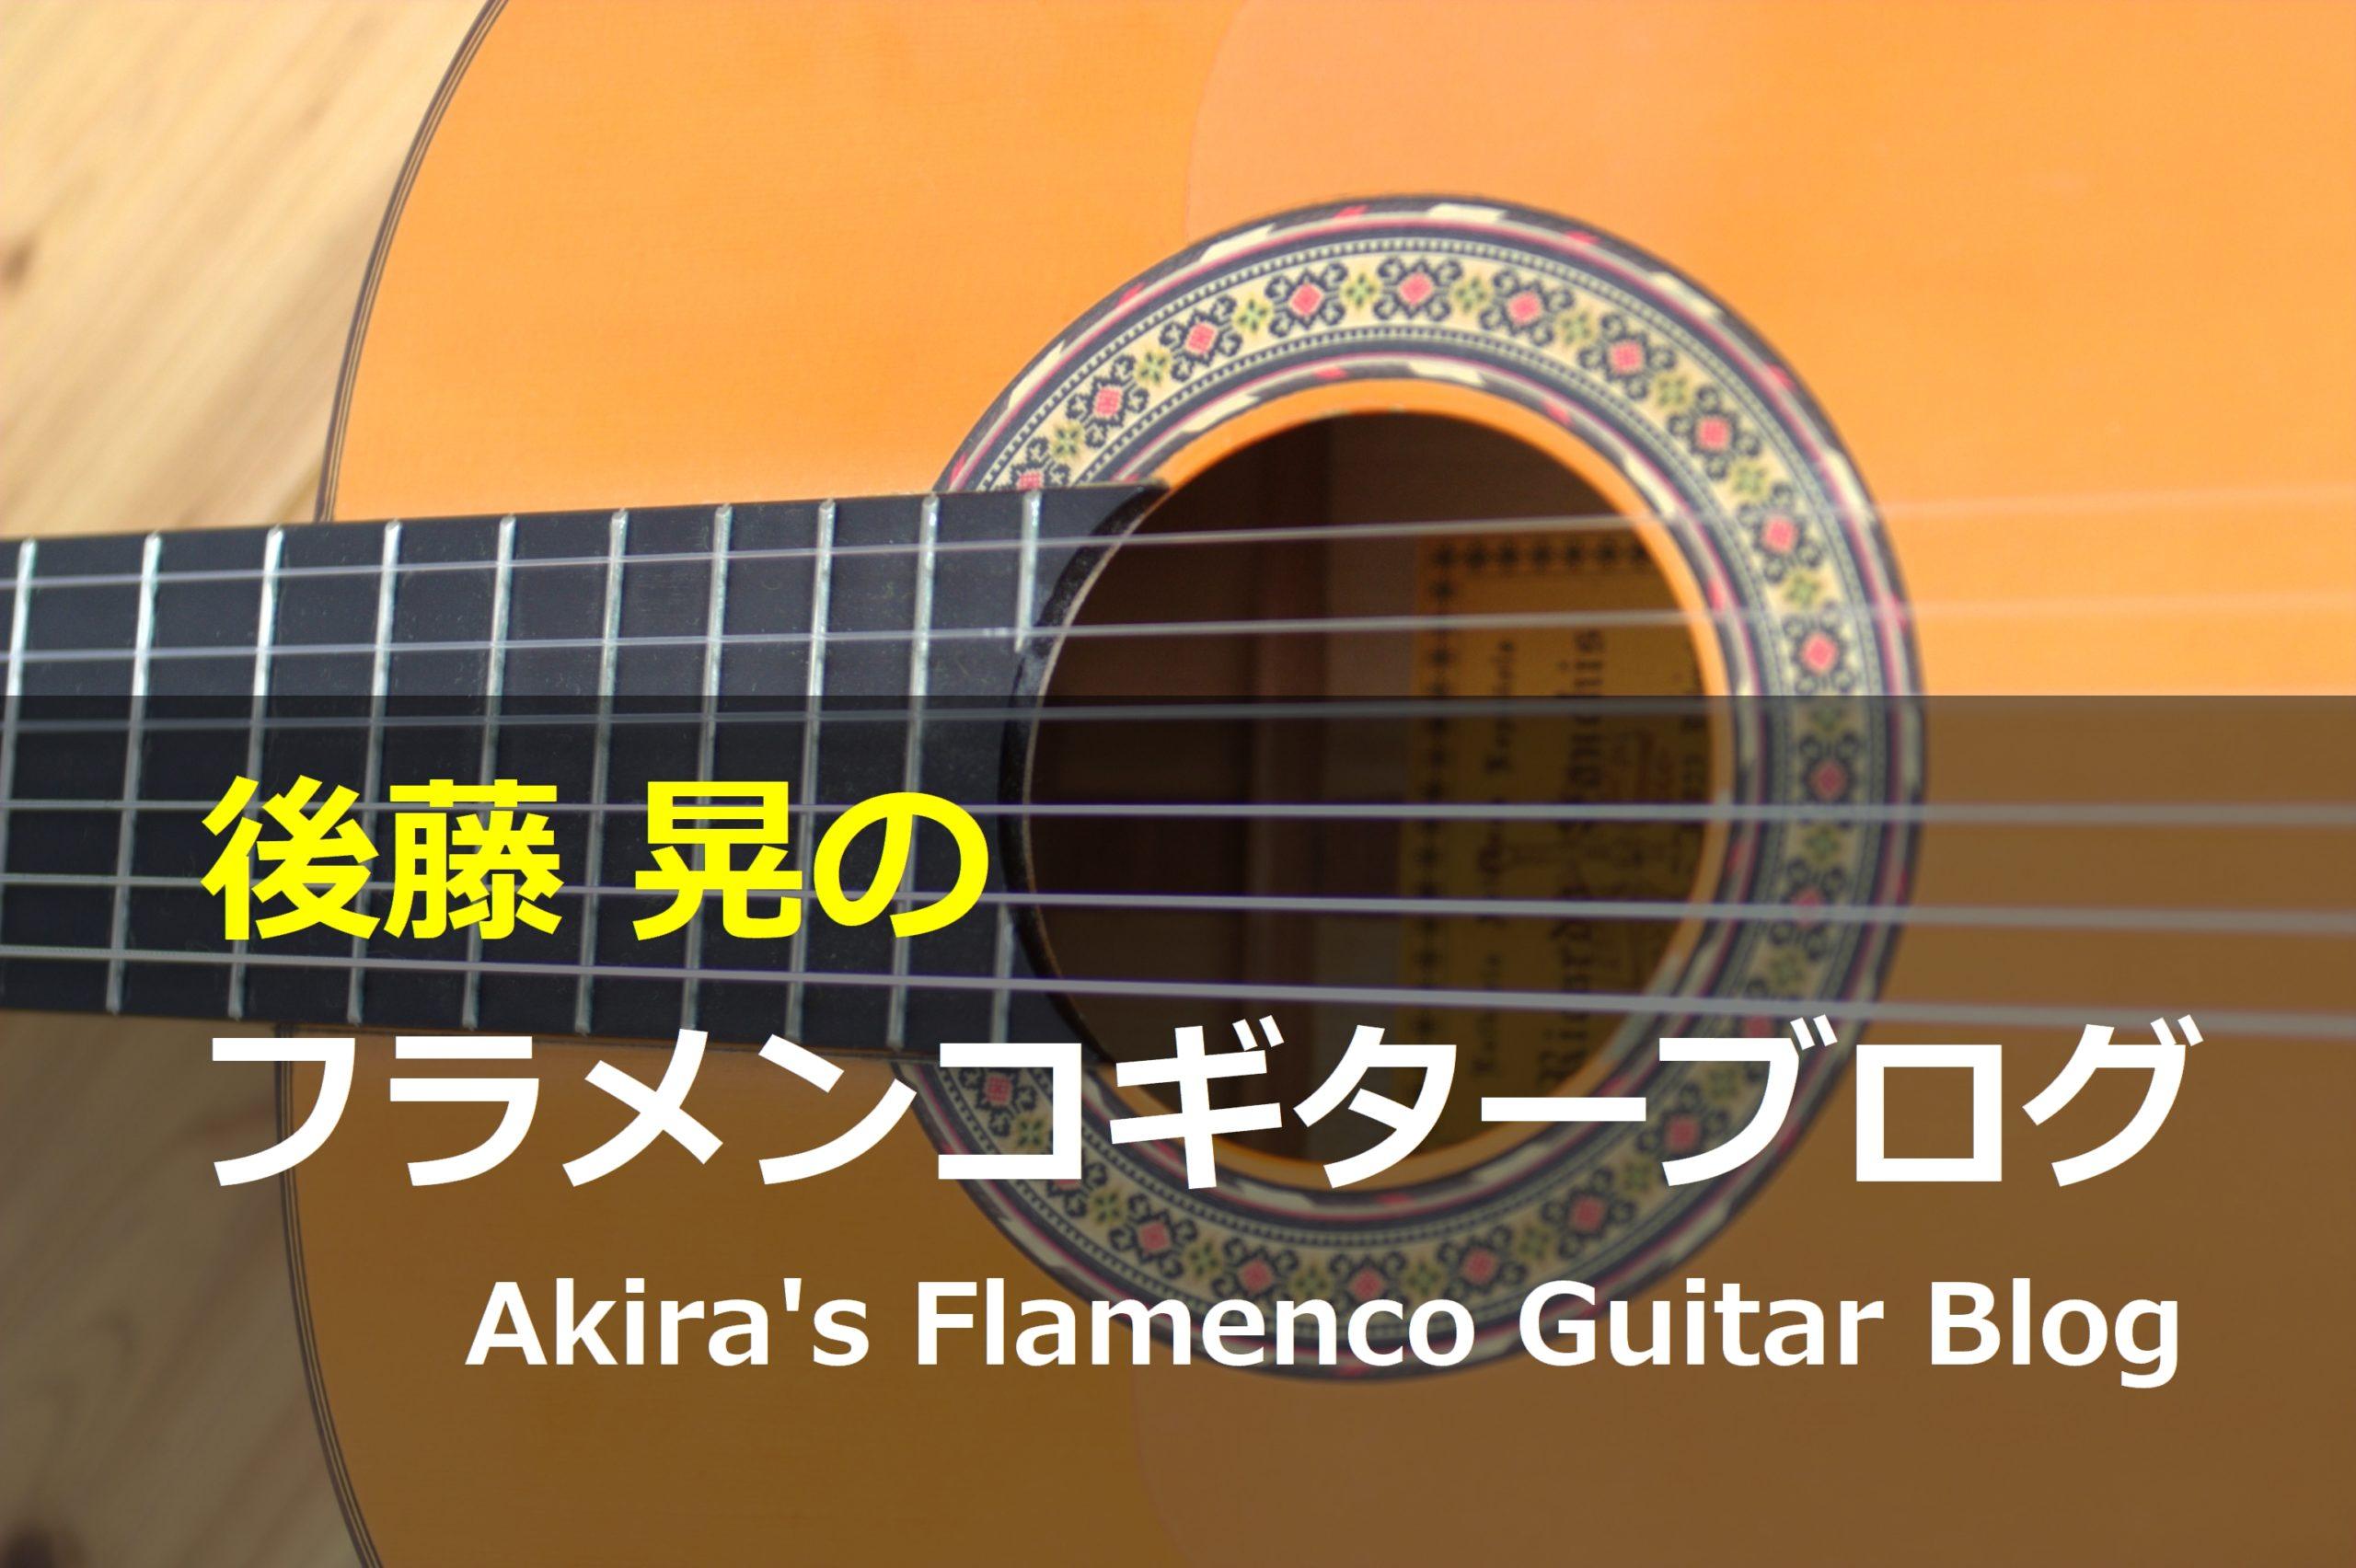 後藤晃のフラメンコギターブログ